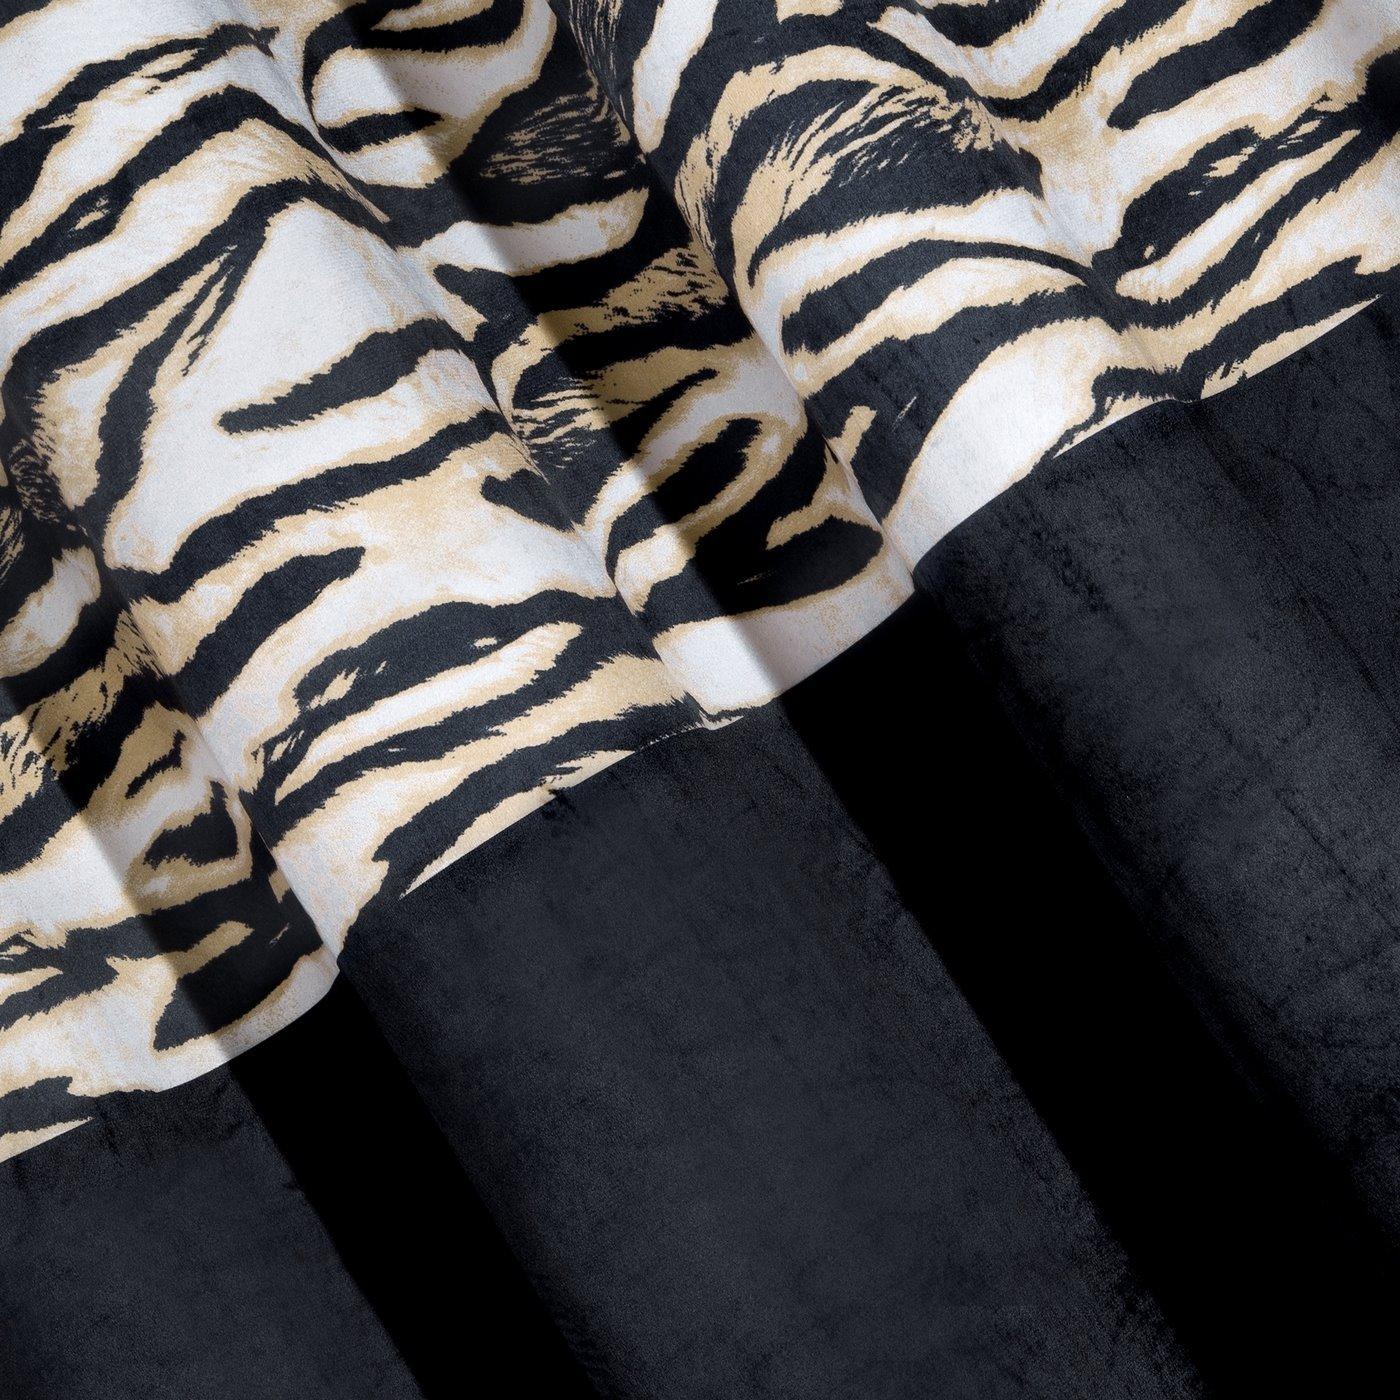 Czarne ZASŁONY WELWETOWE z modnym motywem zwierzęcym -Mój wybór EVA MINGE - przelotki